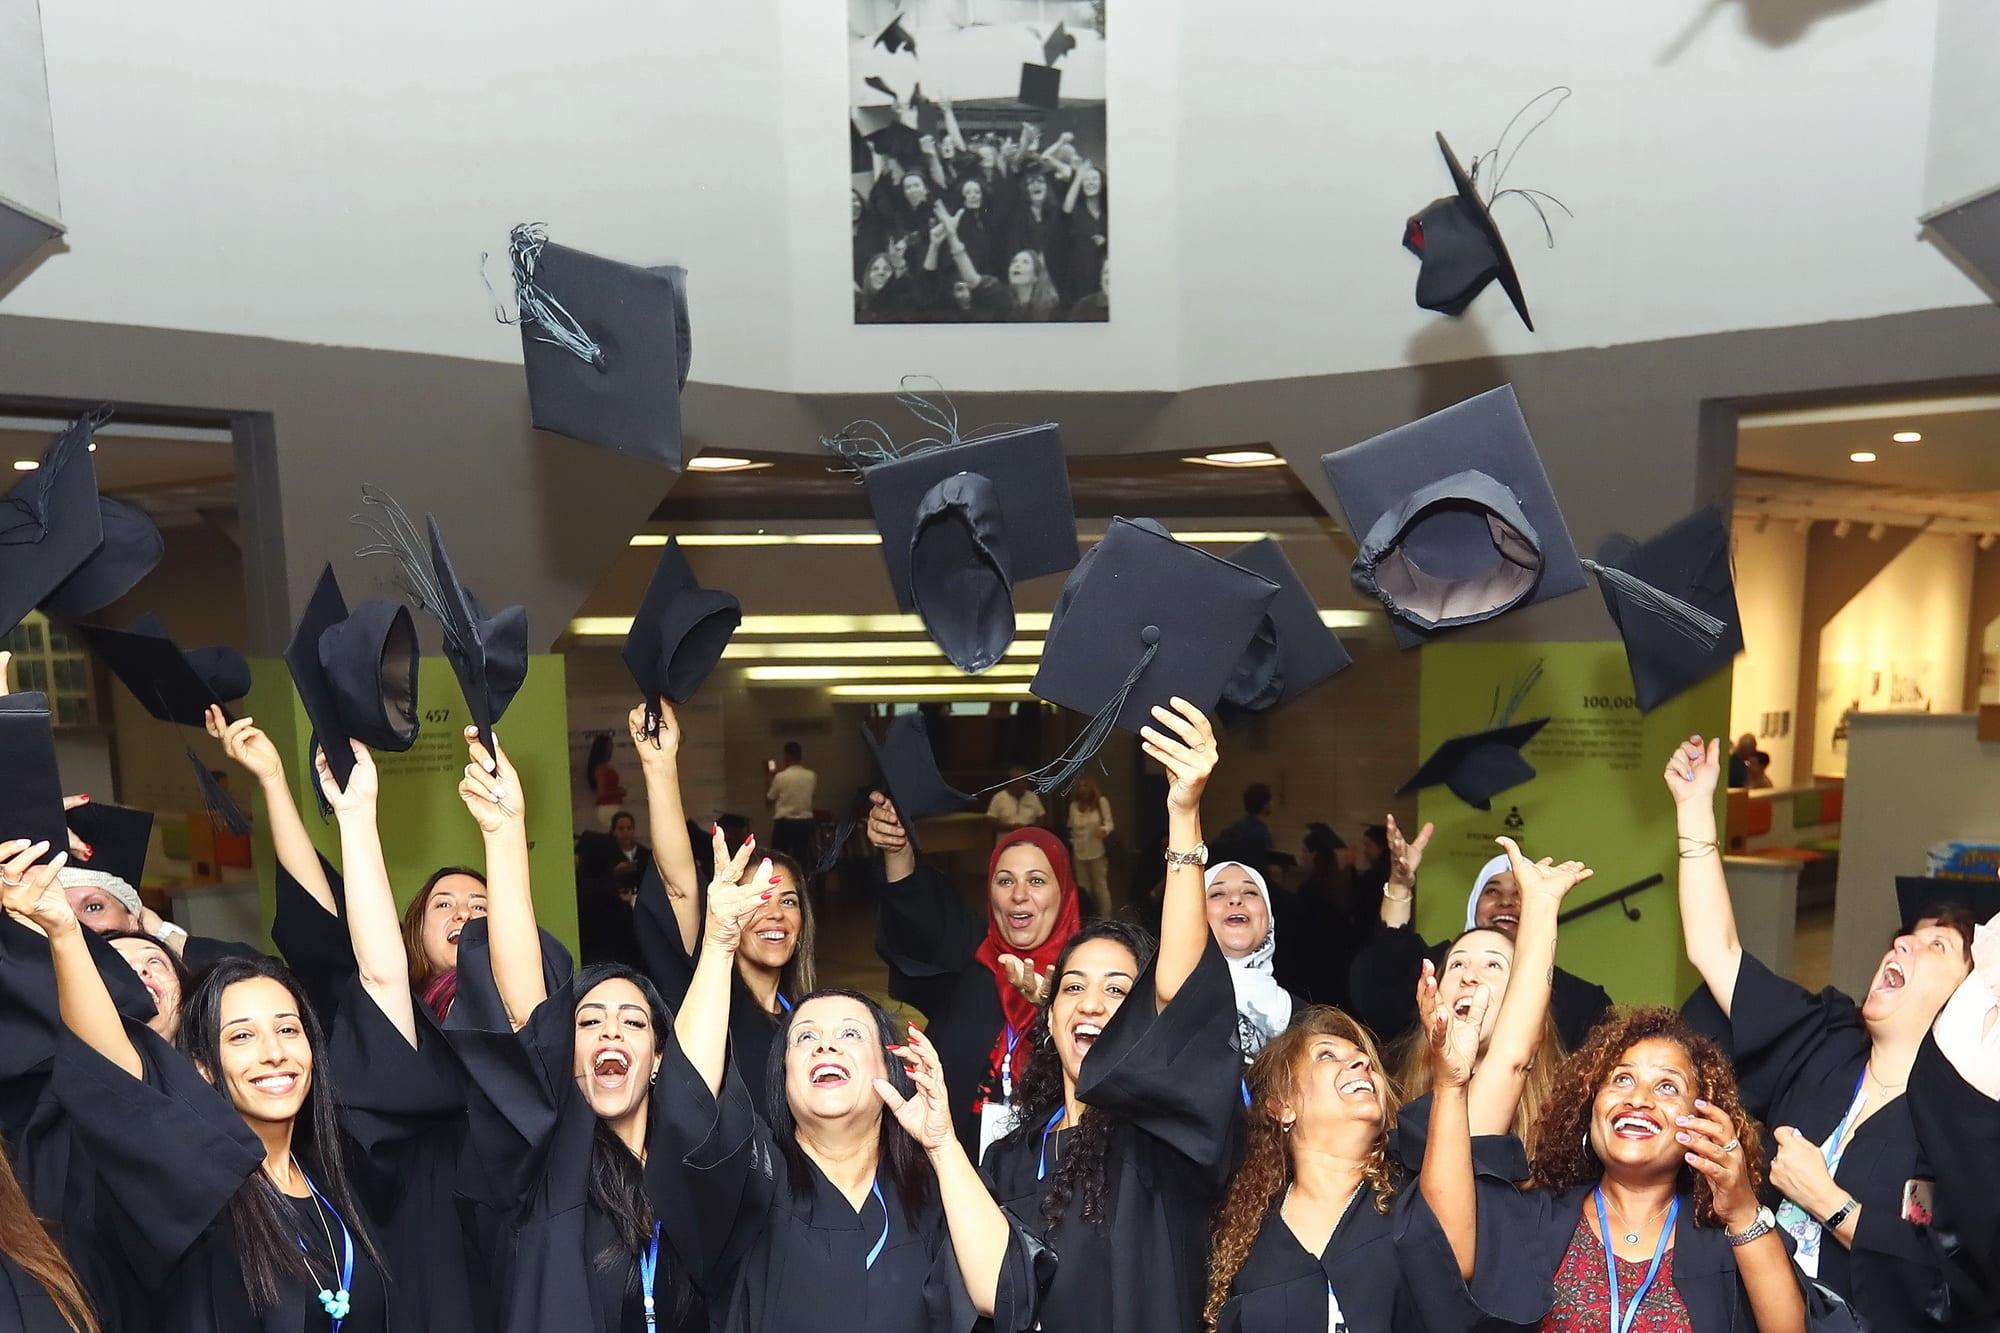 טקס הענקת תואר שני מוסמך בחינוך .M.Ed מוסמך בהוראה M.Teach תואר שני בטיפול במוזיקה M.A.A.T